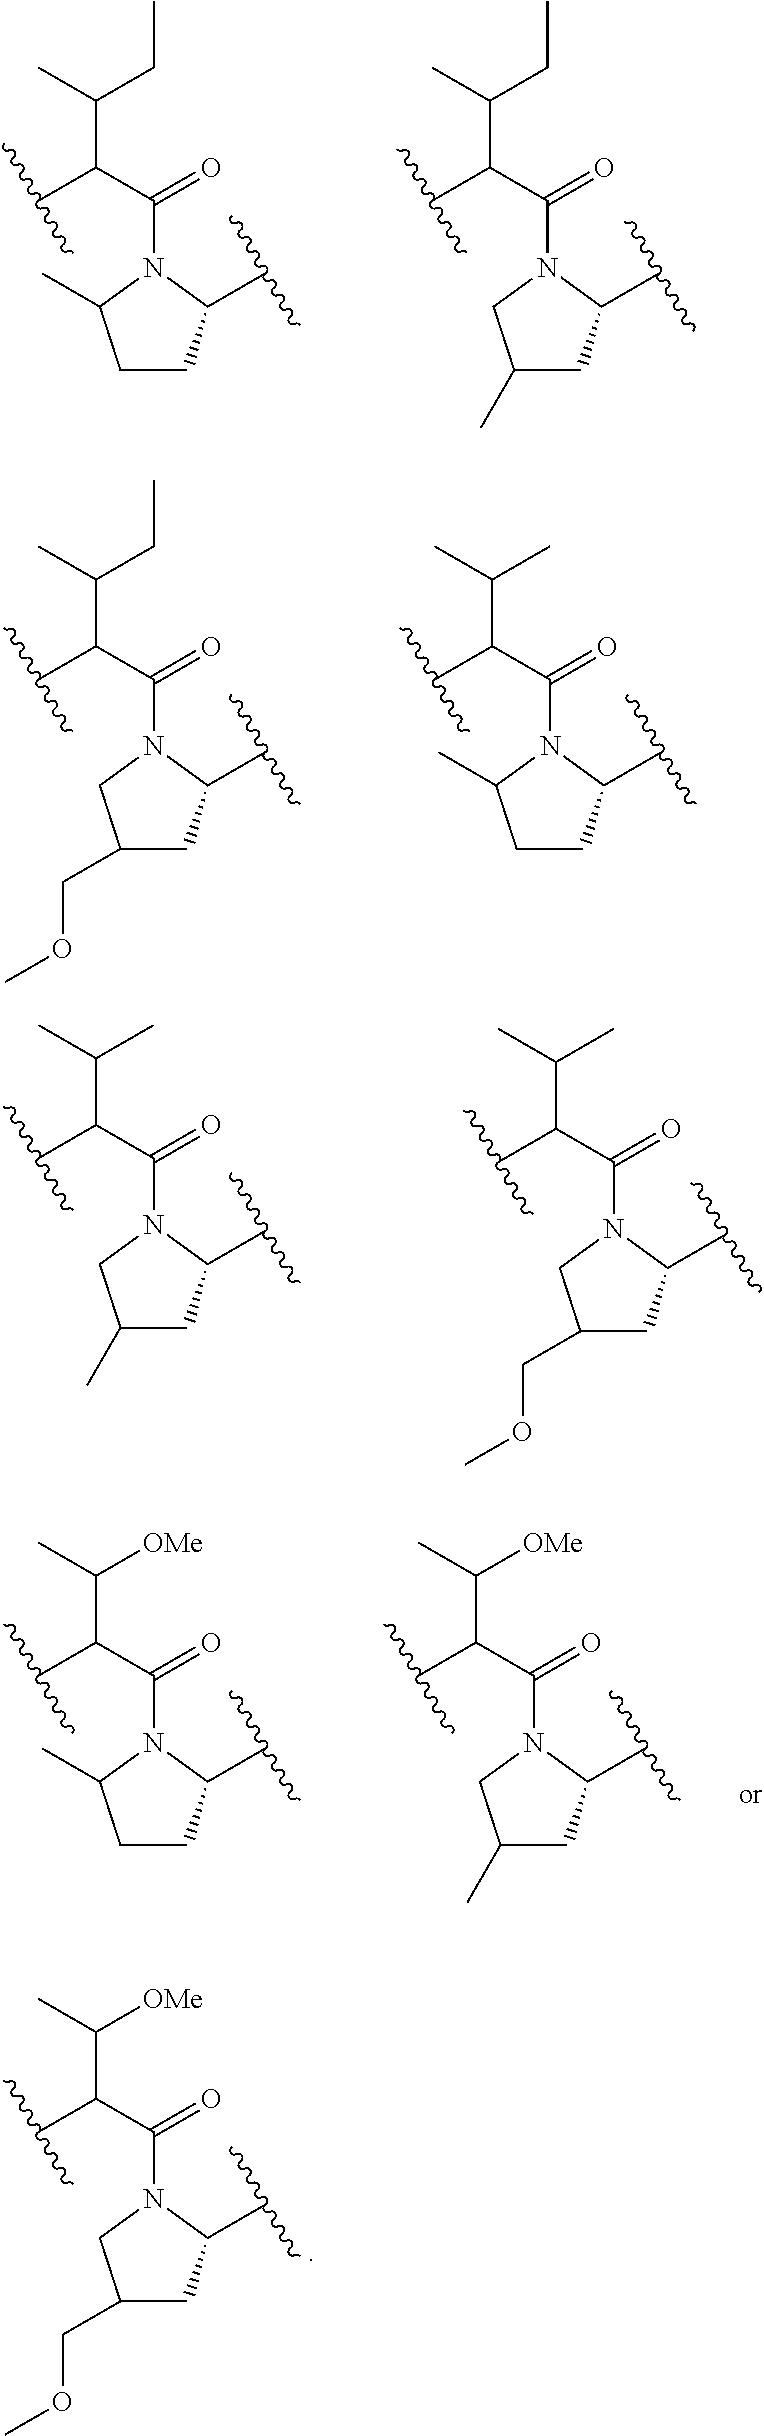 Figure US09868745-20180116-C00044